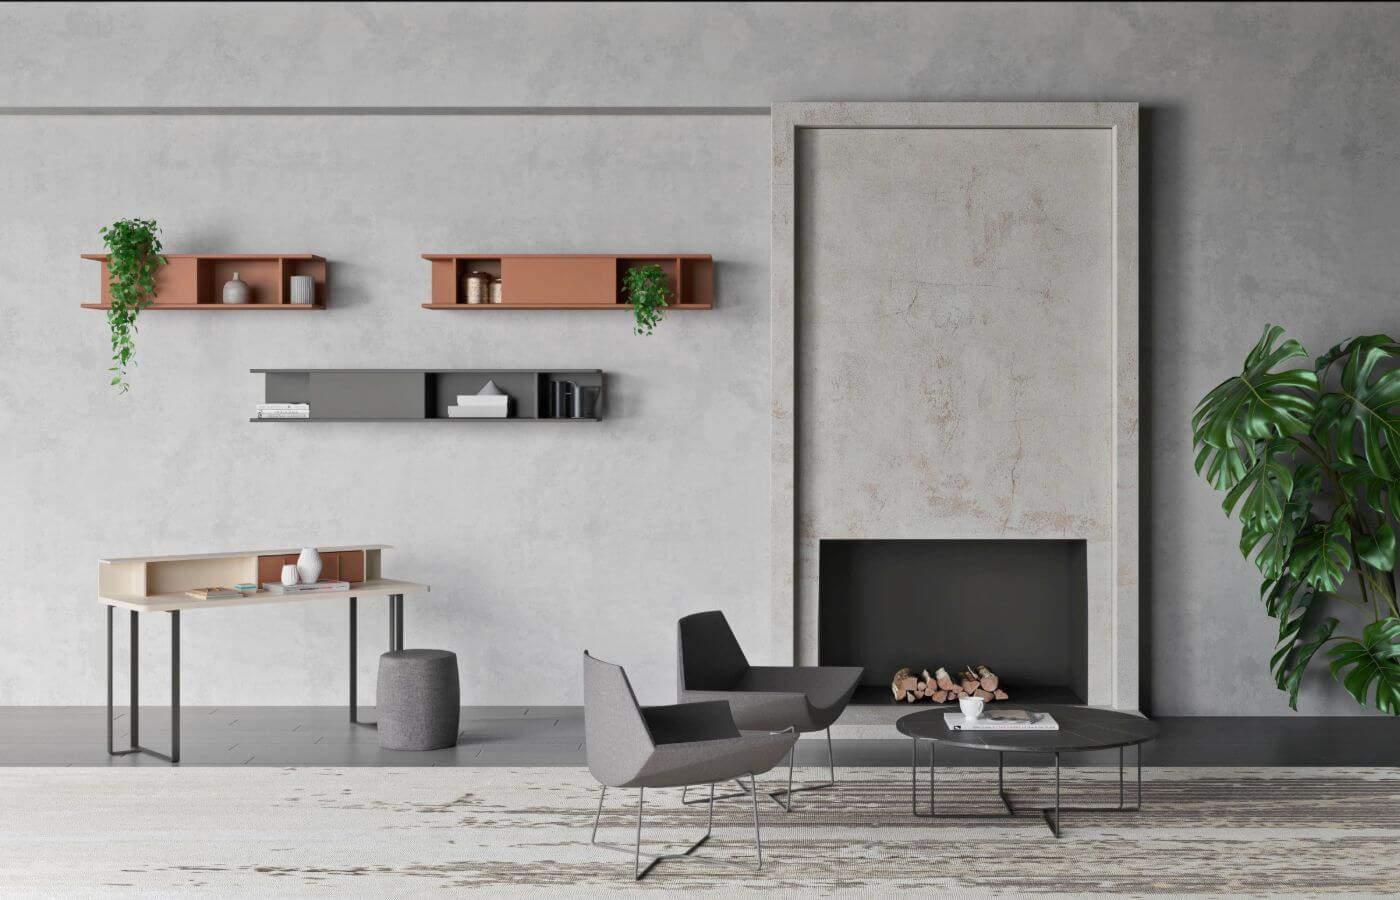 zona-giorno-librerie-collezione-air-il-mobile (1)